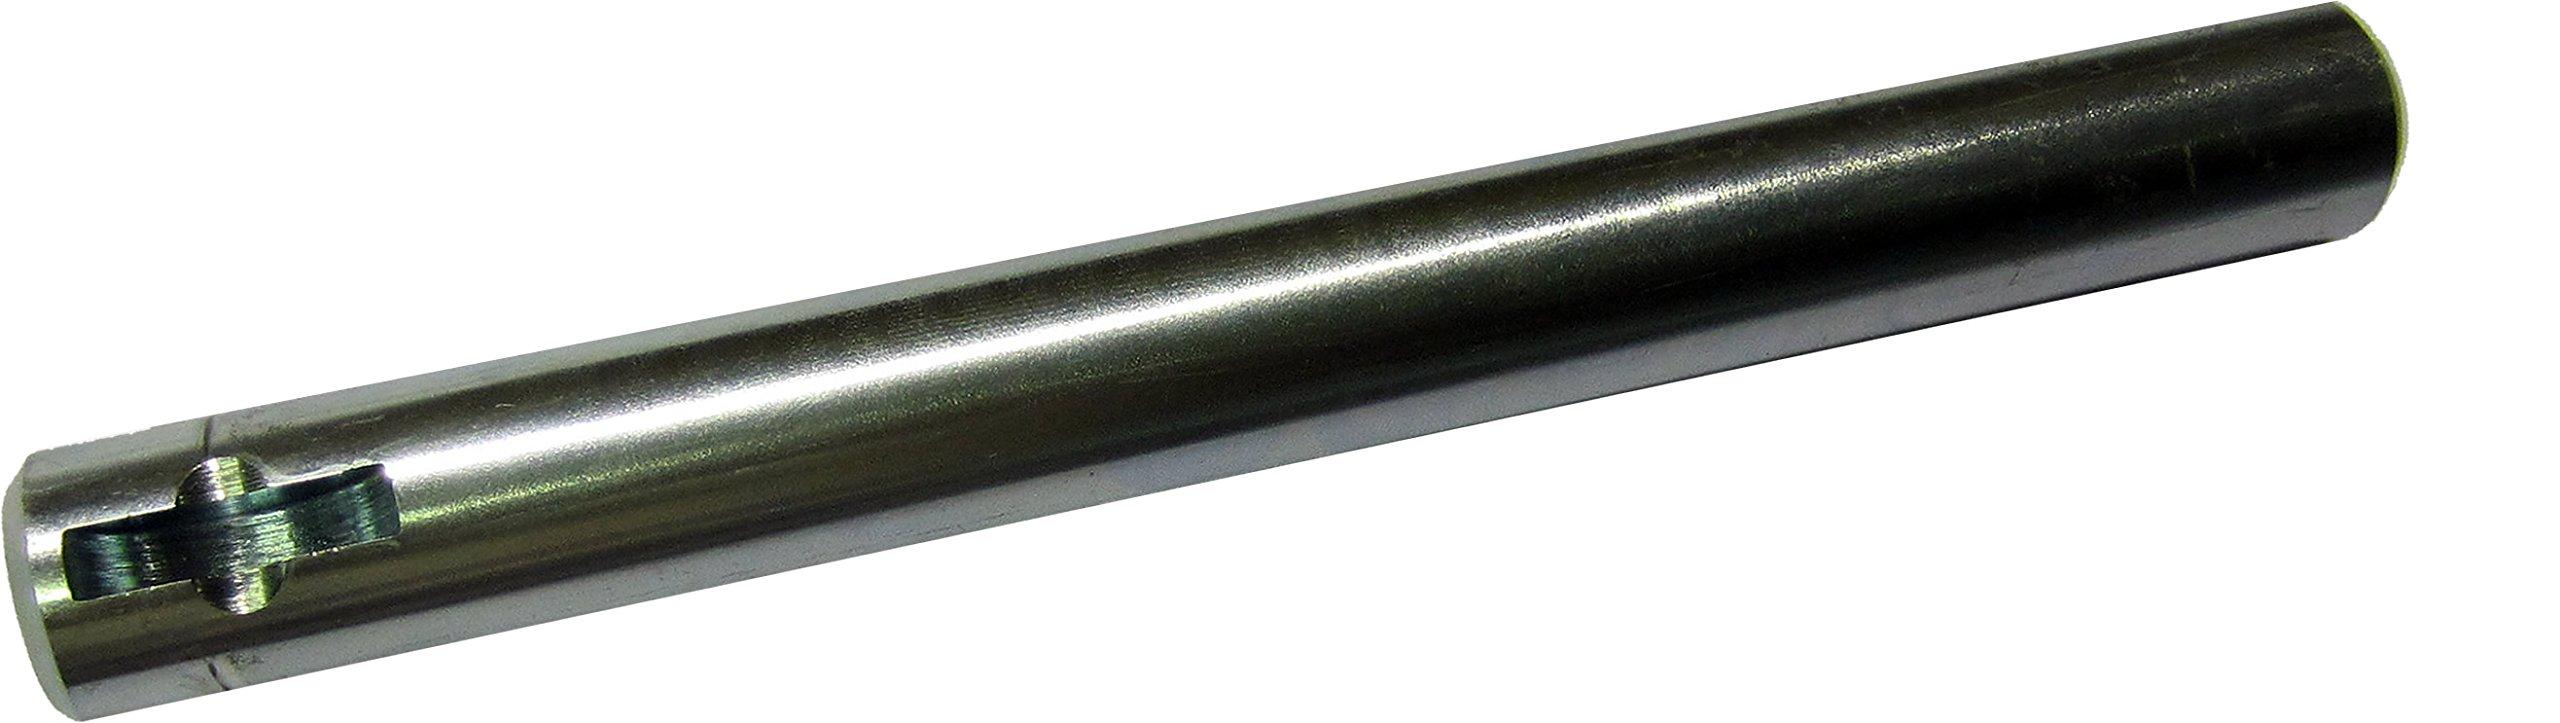 IATCO K210-883-IAT Cross Shaft (Kenworth) by IATCO